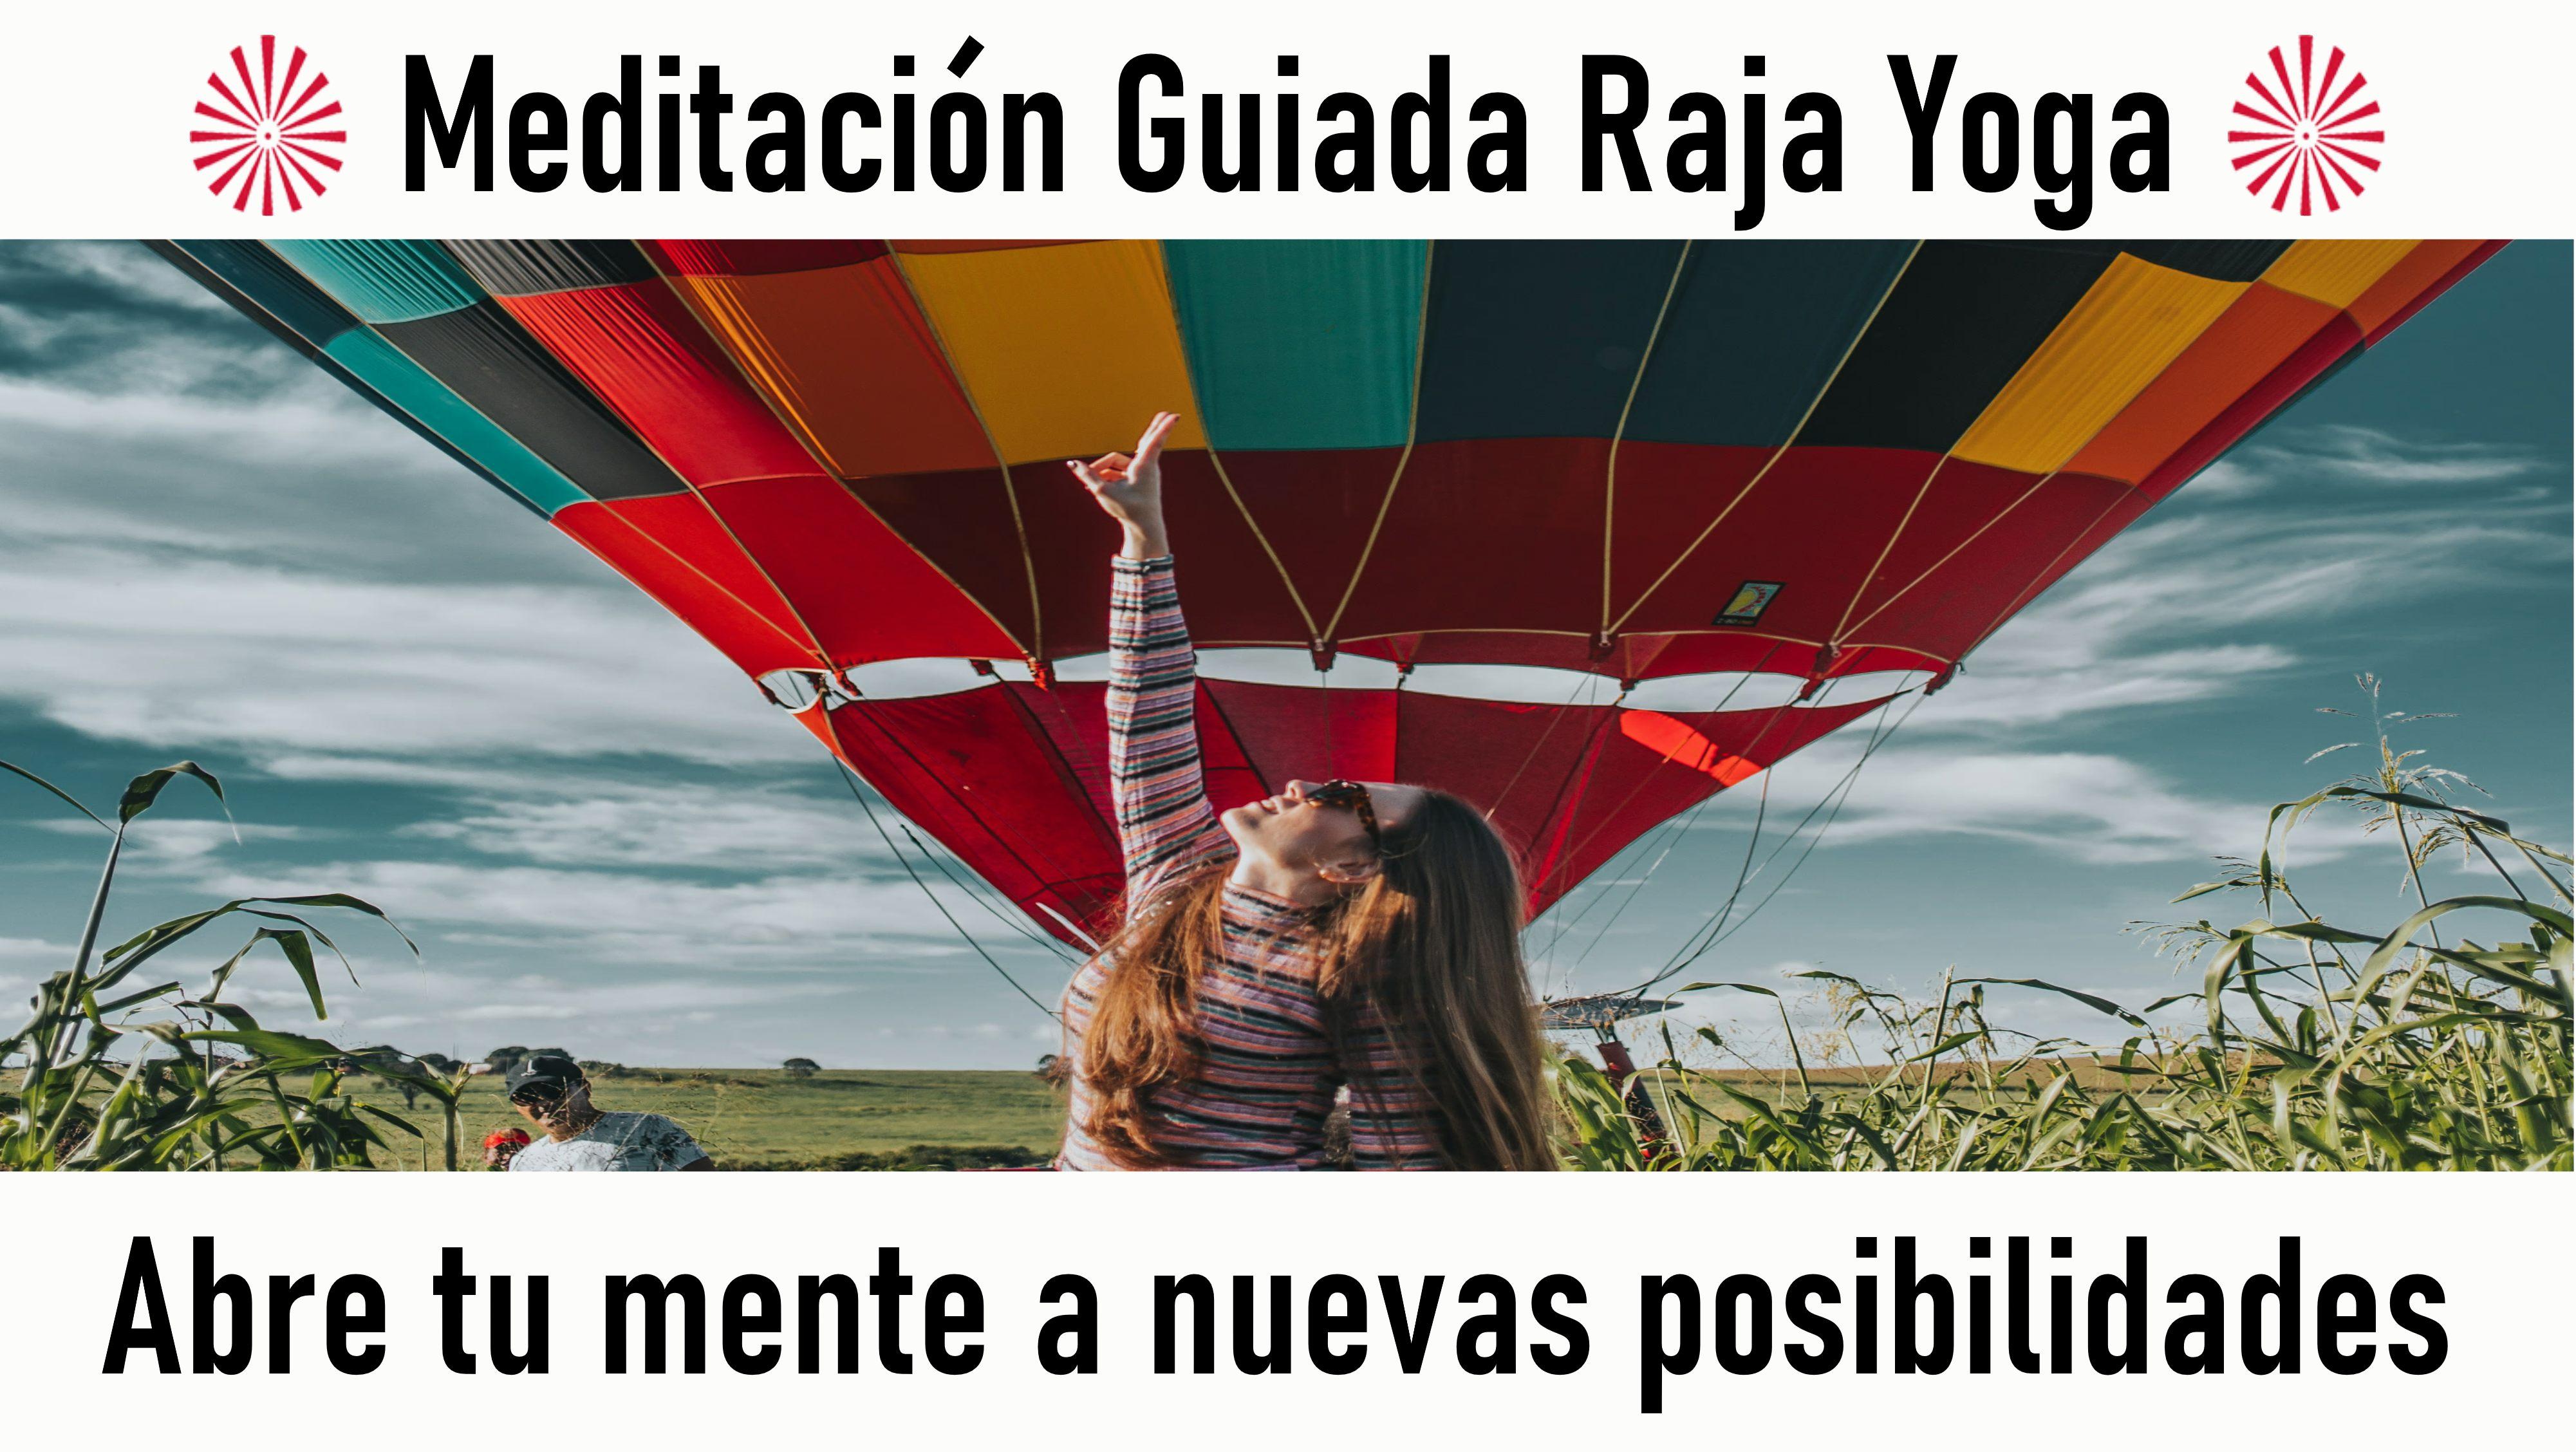 Meditación Raja Yoga: Abre tu mente a nuevas posibilidades (11 Septiembre 2020) On-line desde Madrid